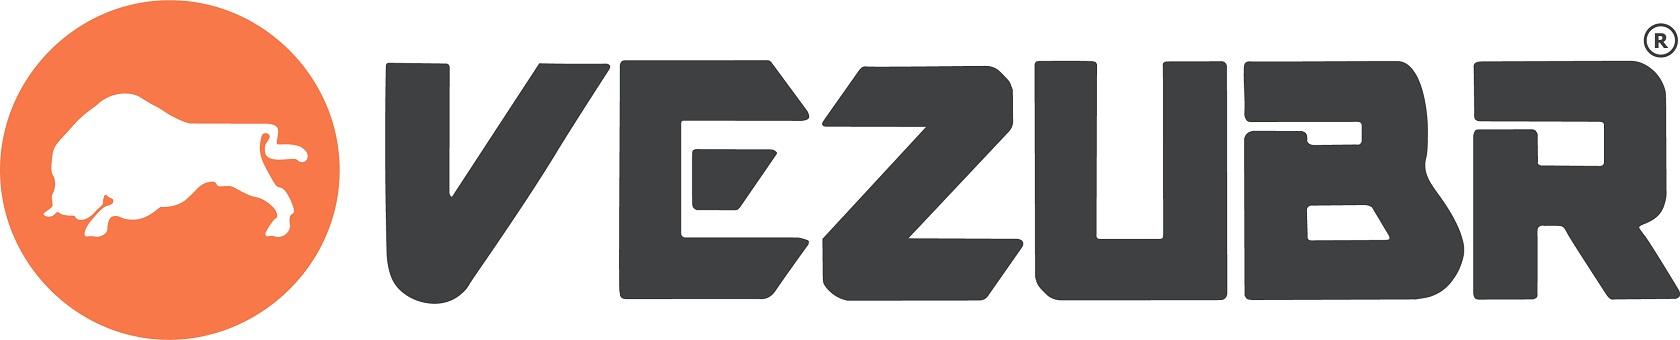 Официальный запуск нового агрегатора Vezubr намечен на март этого года